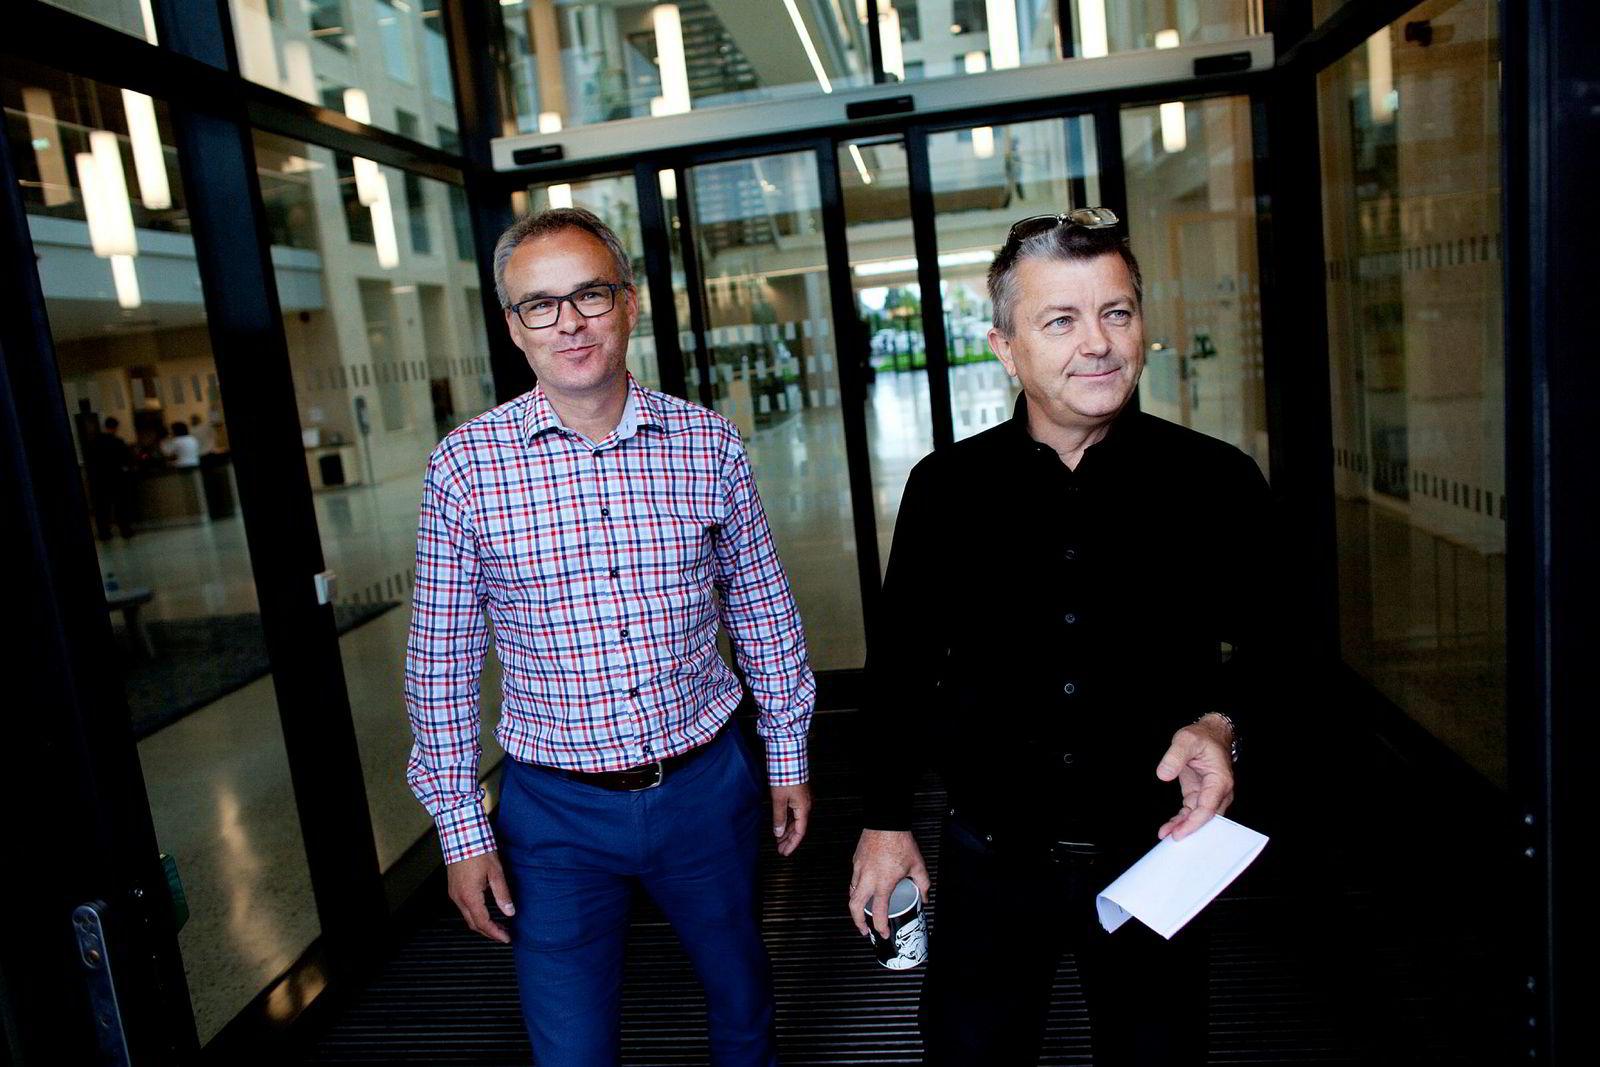 Daglig leder Per Ove Skorpen og majoritetseier og styreleder Lars Helge Helvig (til høyre) rapporterte 317 millioner kroner i årsoverskudd i Norsk Vind Energi i 2018.